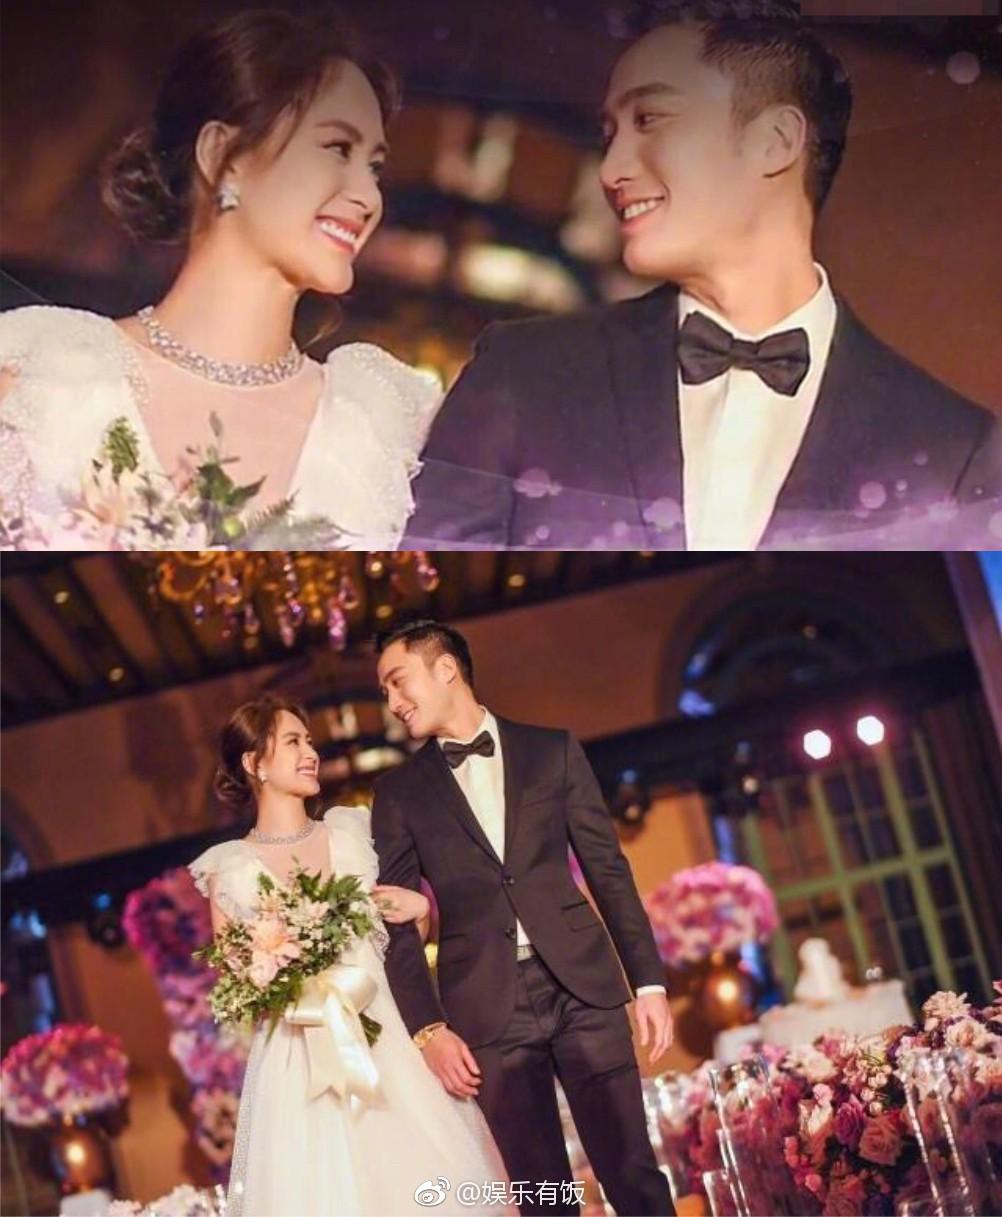 Tròn 10 năm tủi hờn vì scandal ảnh sex, Chung Hân Đồng khóc như mưa trong hôn lễ đẹp như cổ tích của mình - Ảnh 5.